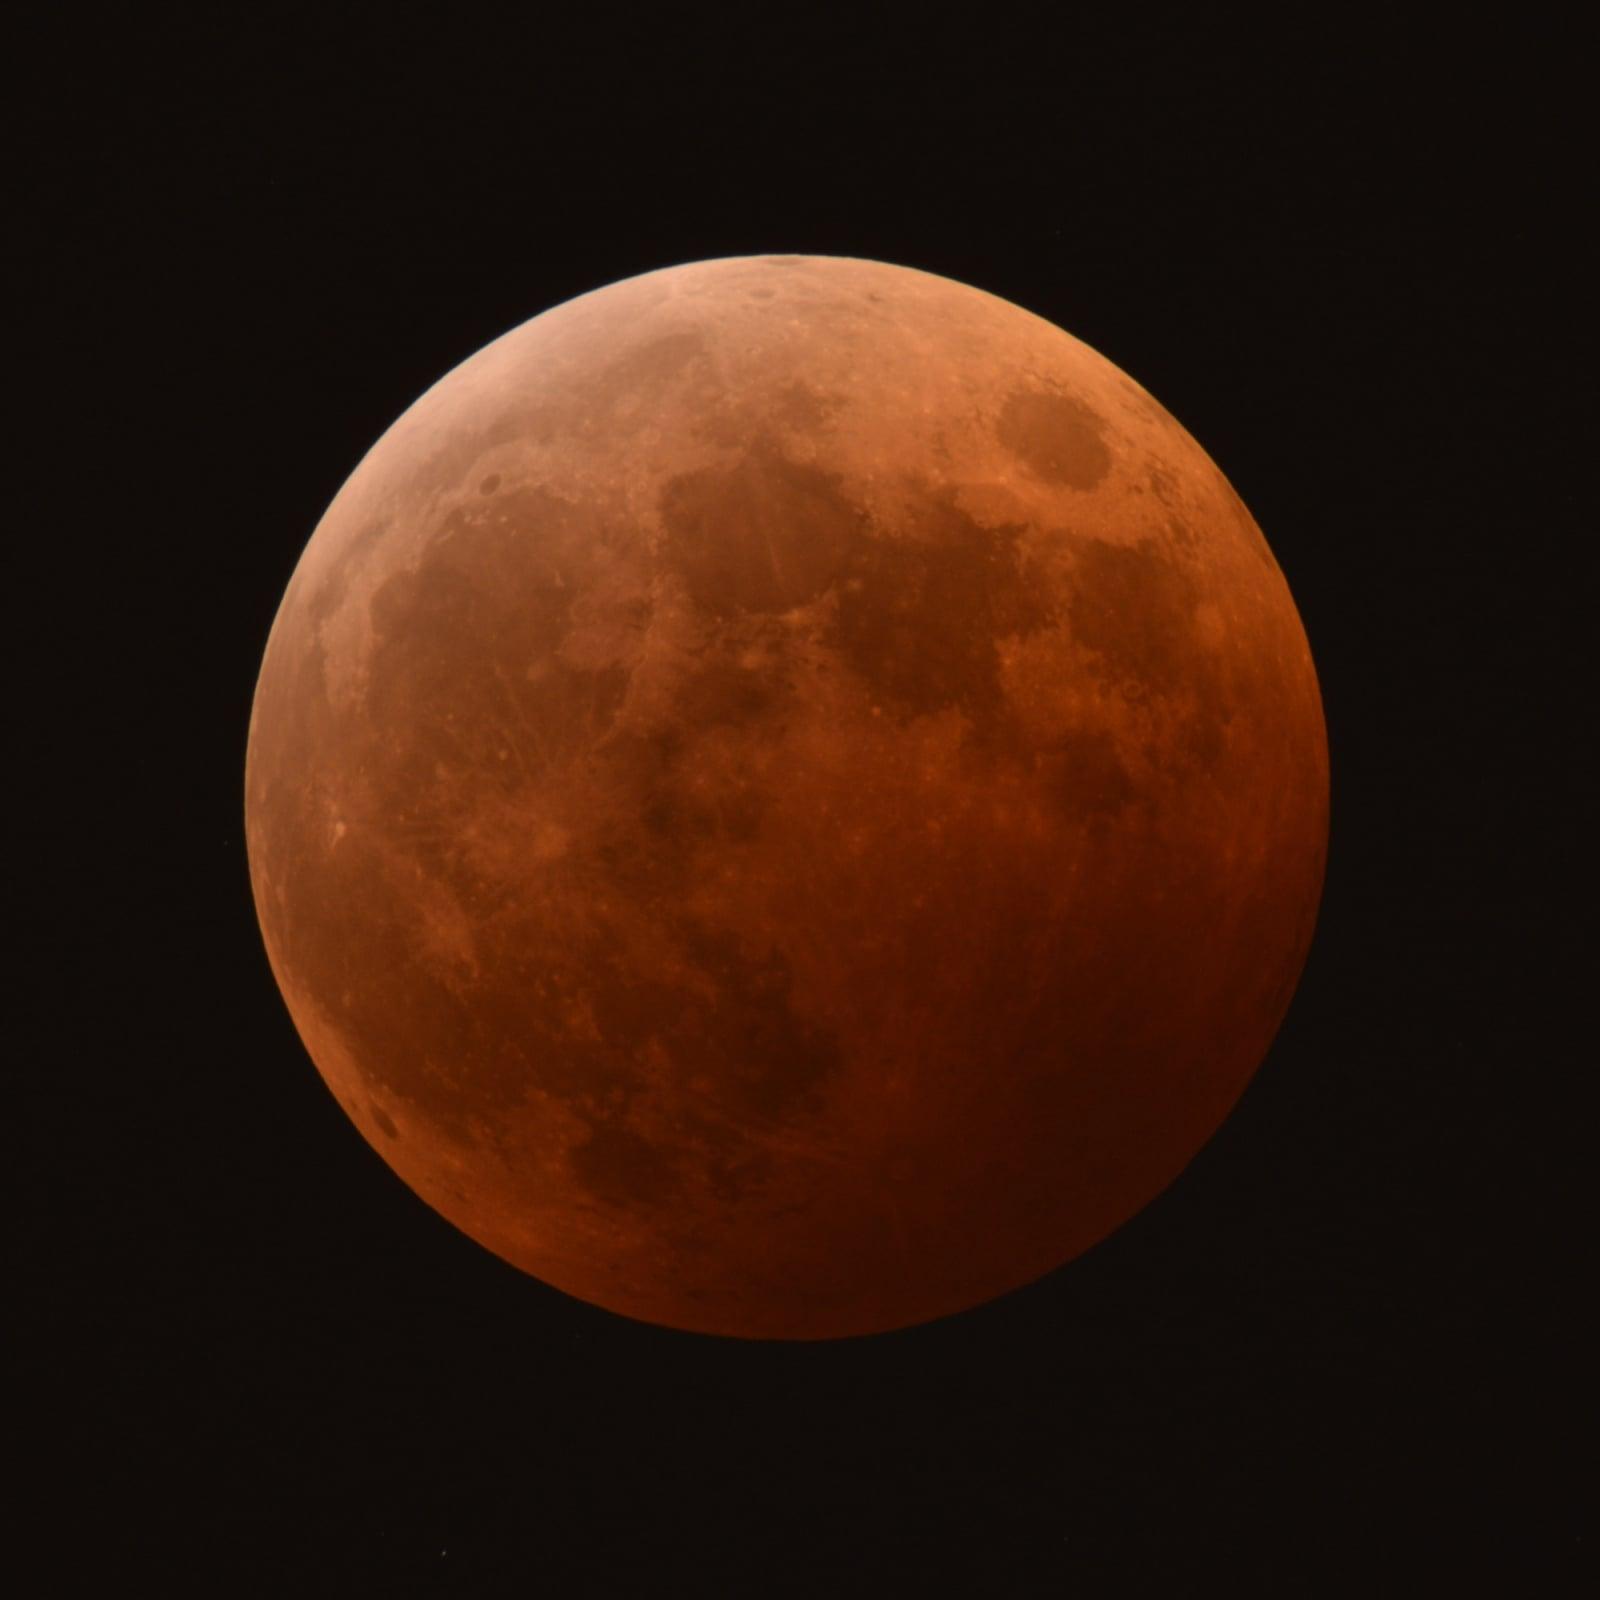 前々回の2014年10月に熊本市で見られた皆既月食